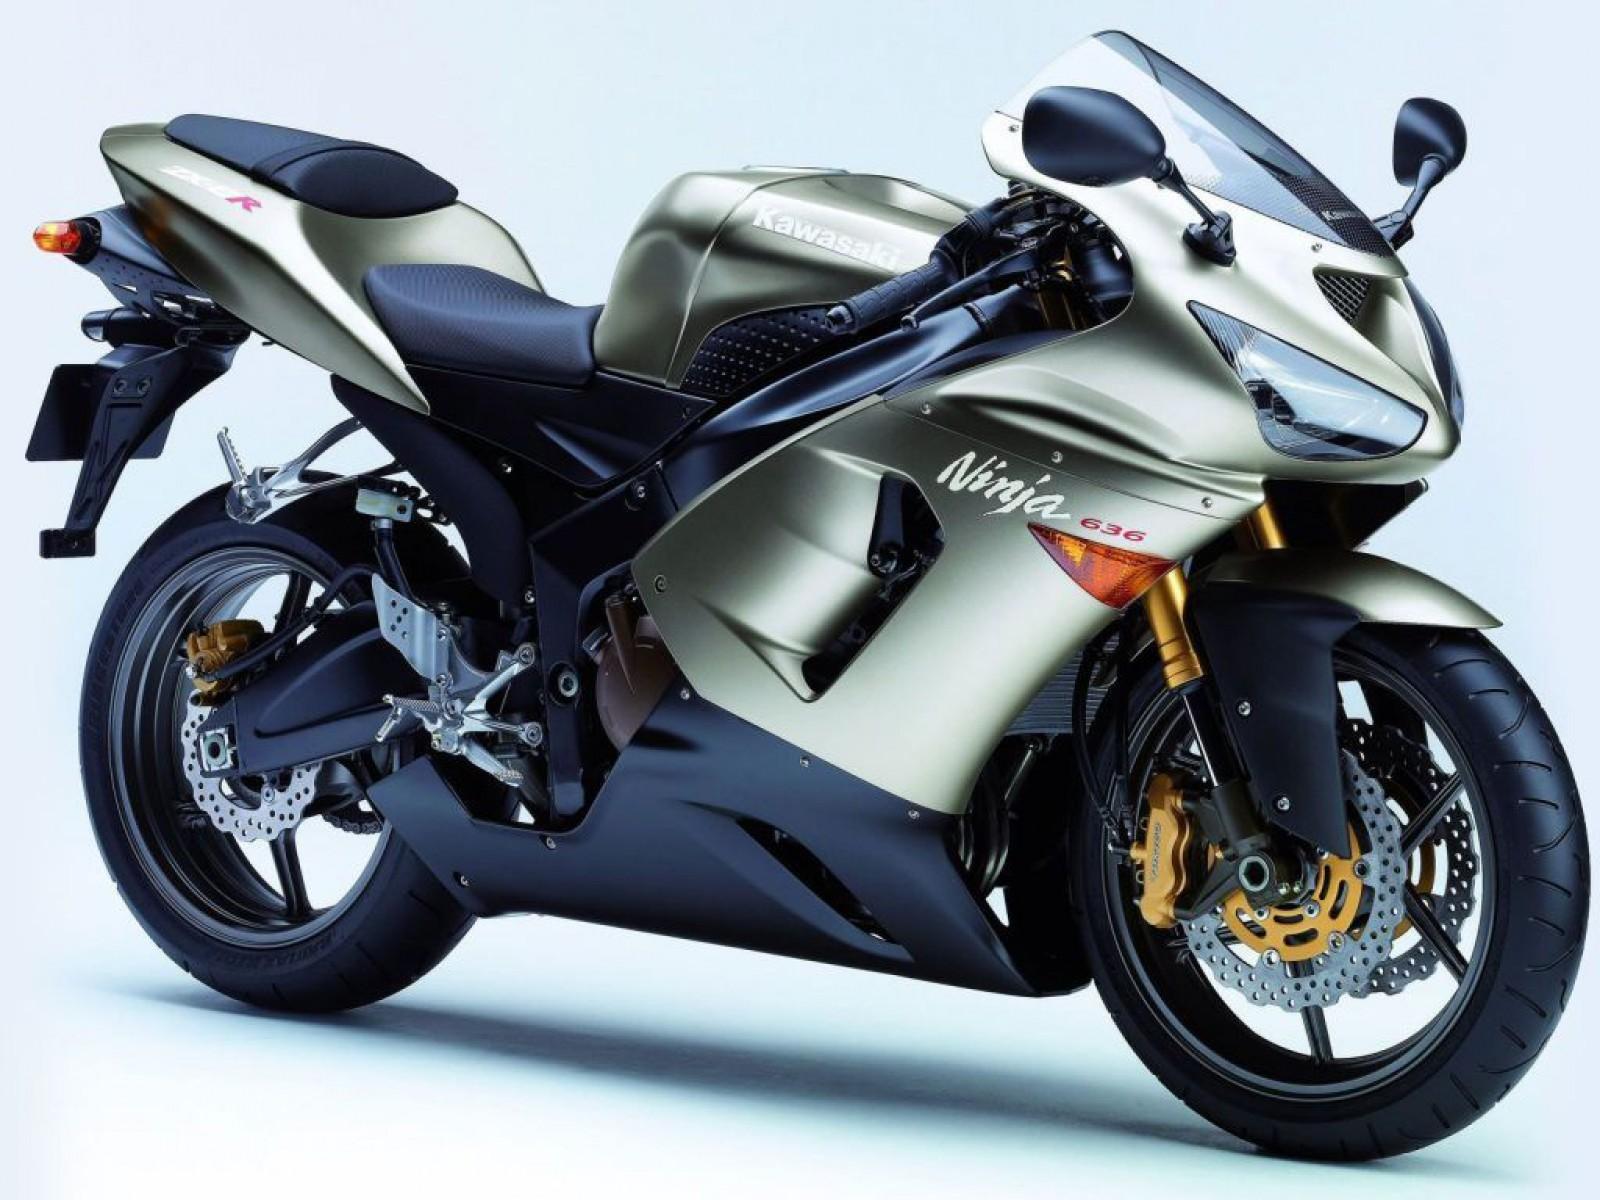 Kawasaki motorbike Wallpaper   Wallpapers in blog